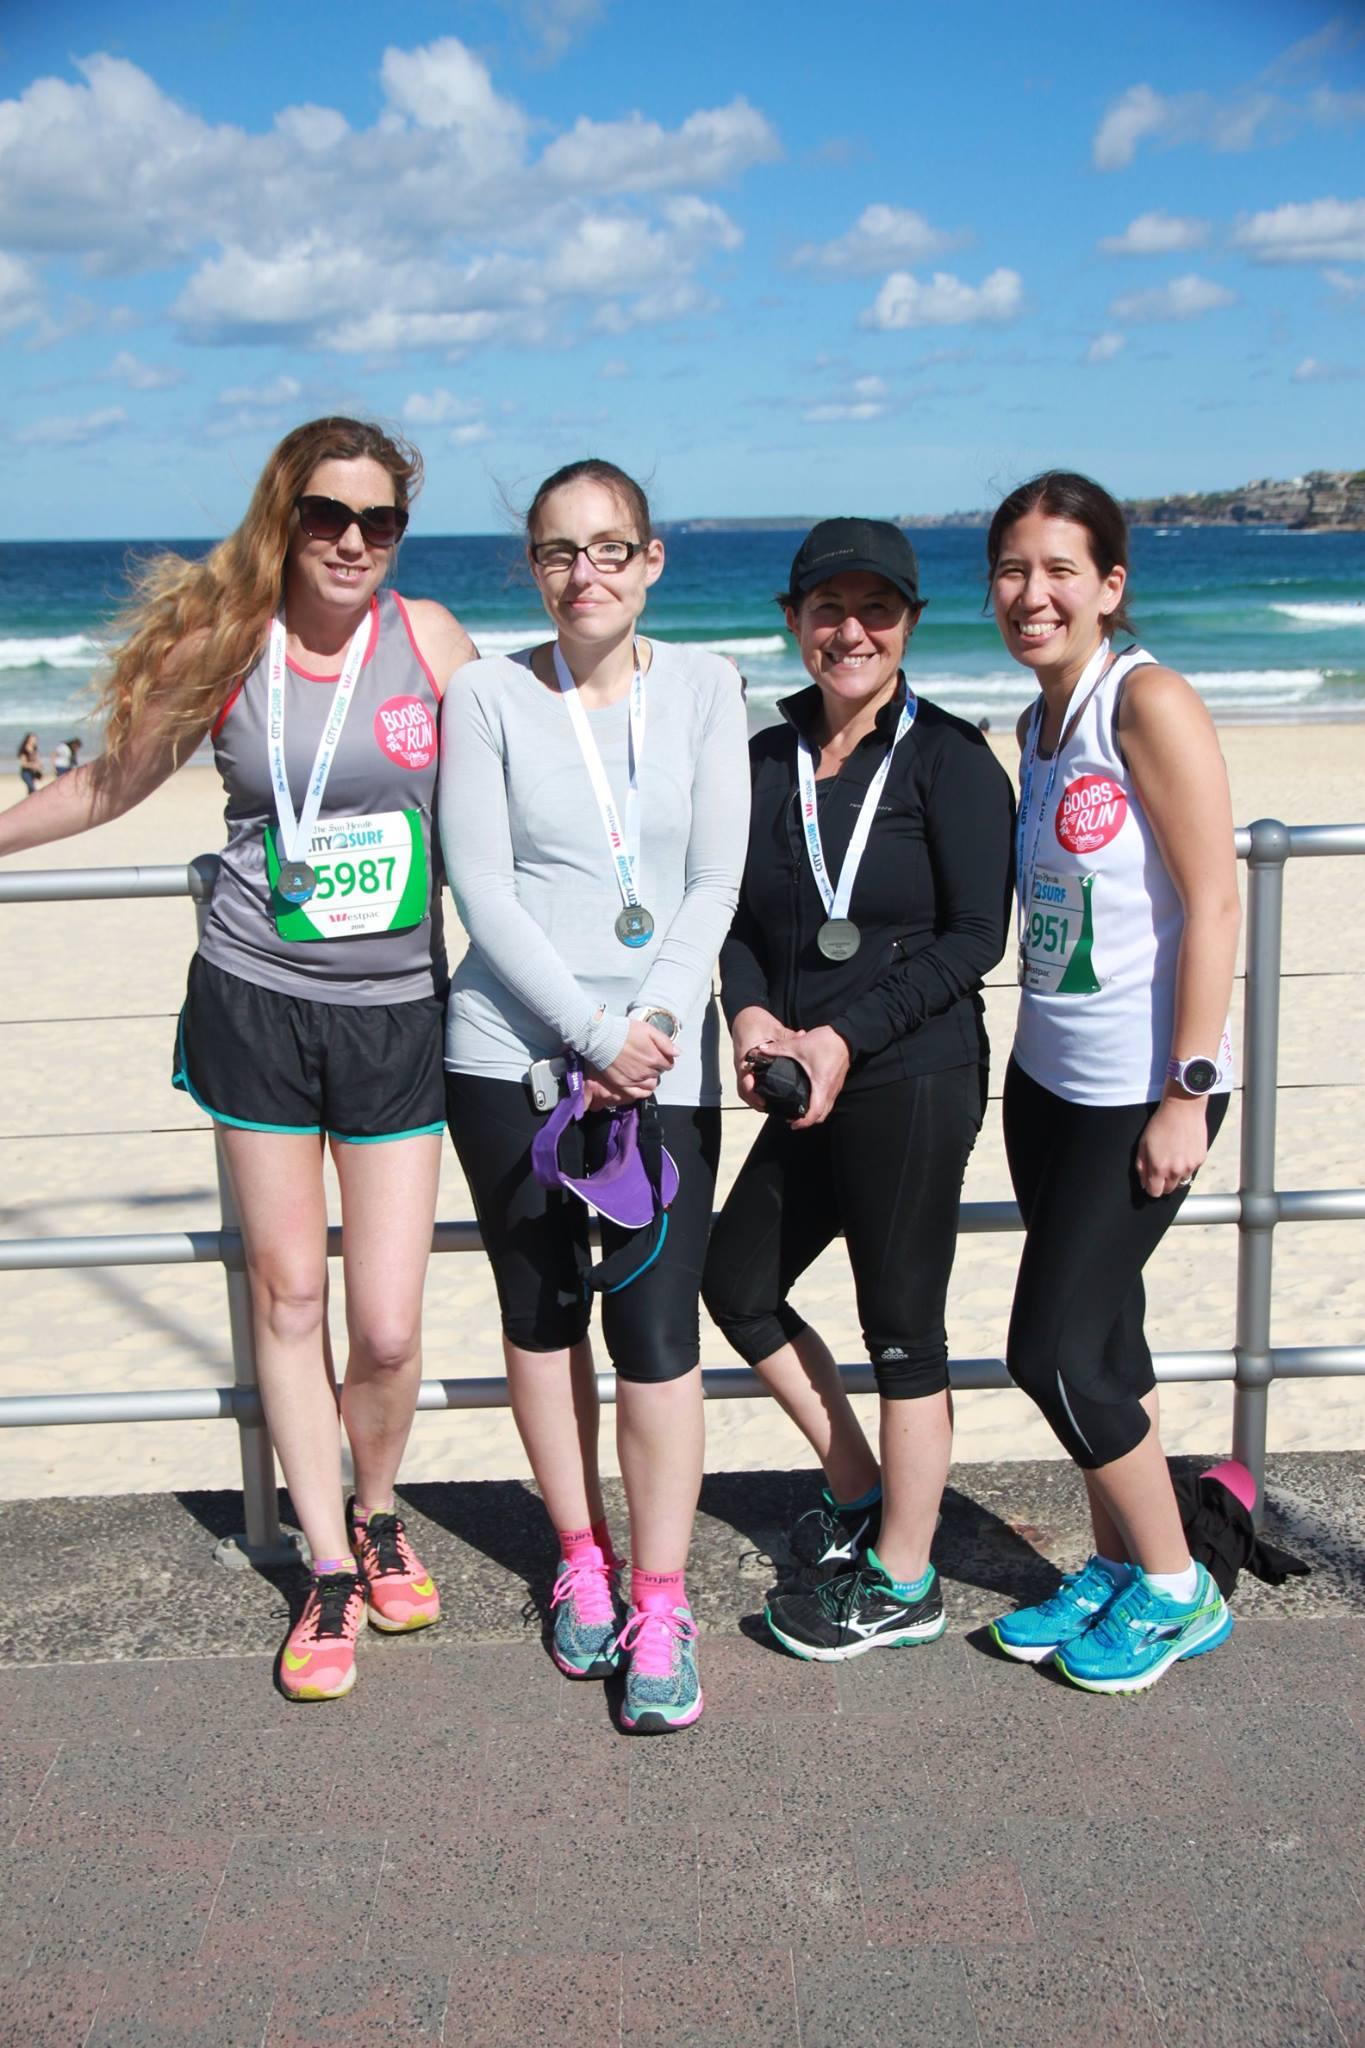 Our Amazing BOTR ladies smash the 14km City2Surf race!